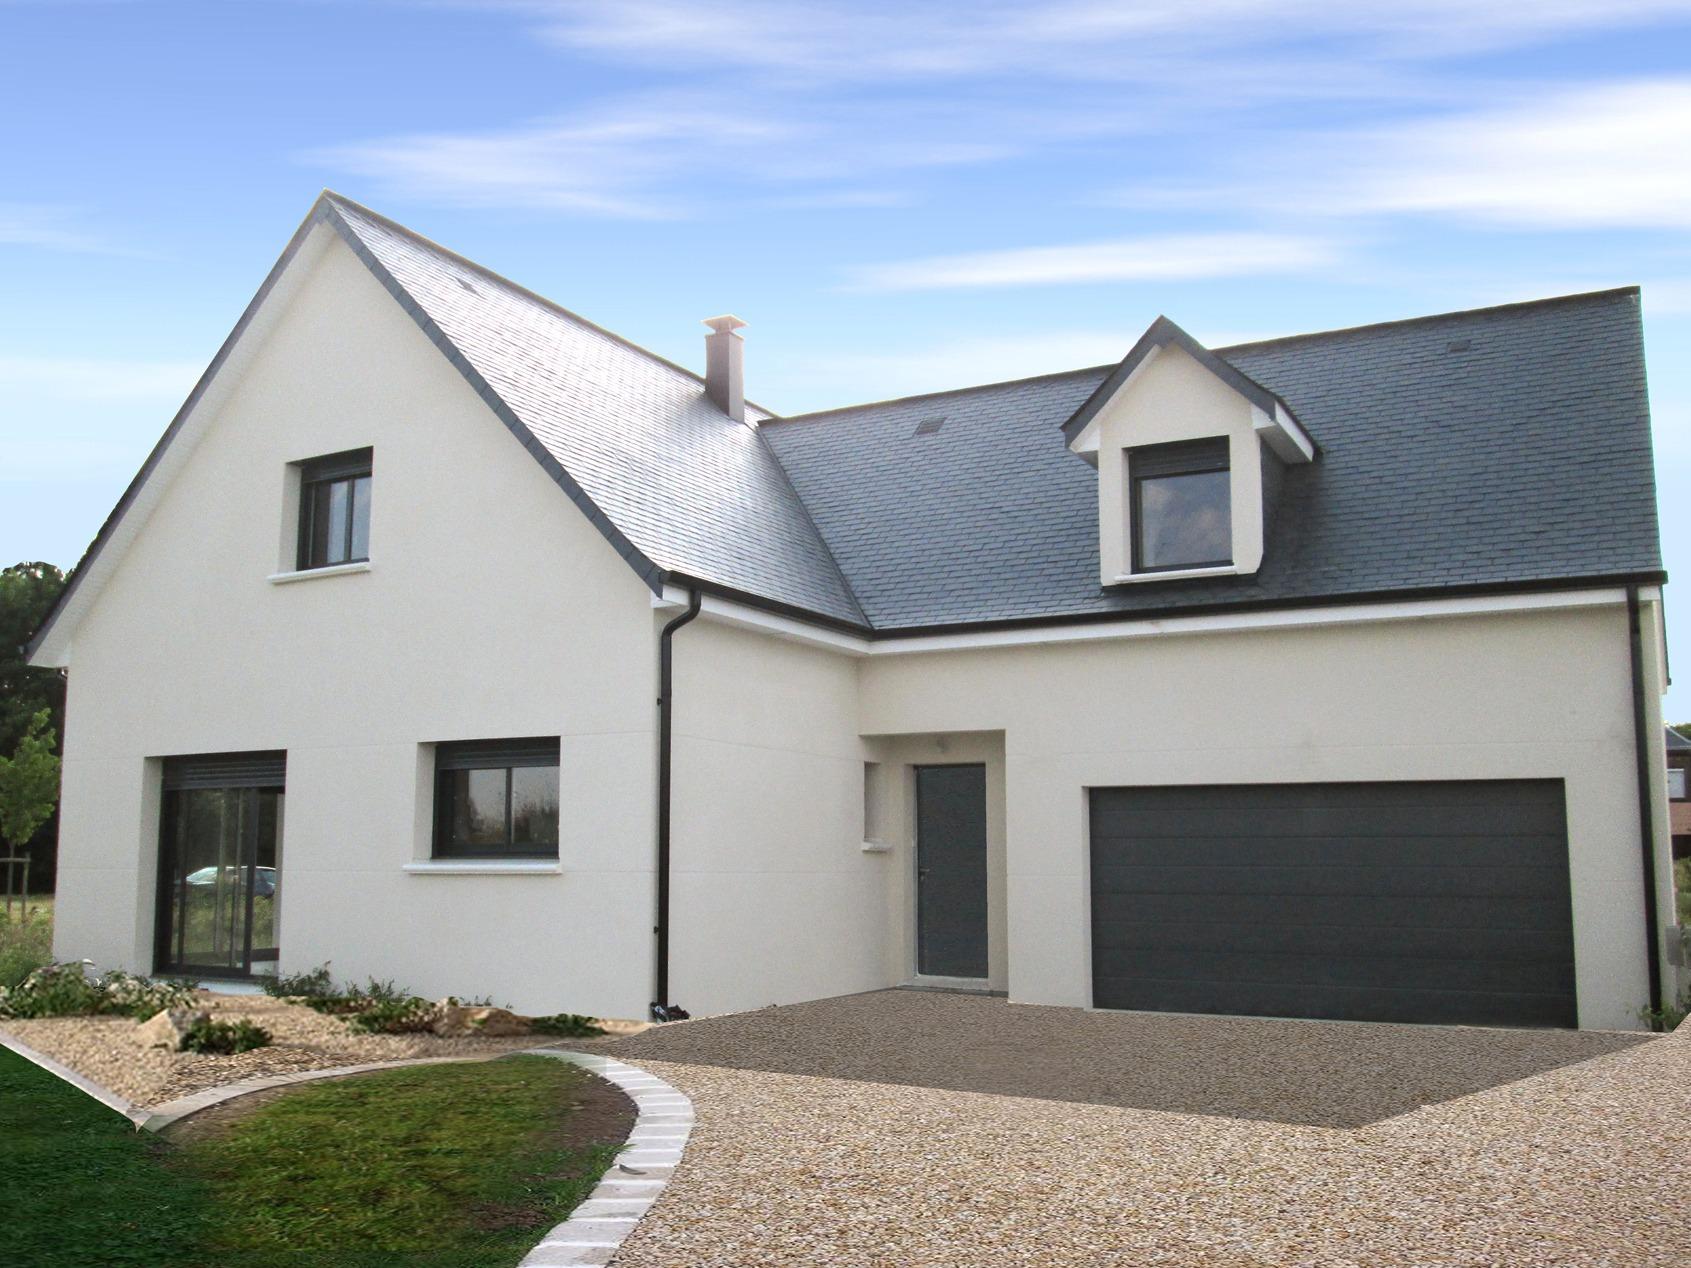 Maisons + Terrains du constructeur MAISON FAMILIALE MANTES • 130 m² • GARGENVILLE